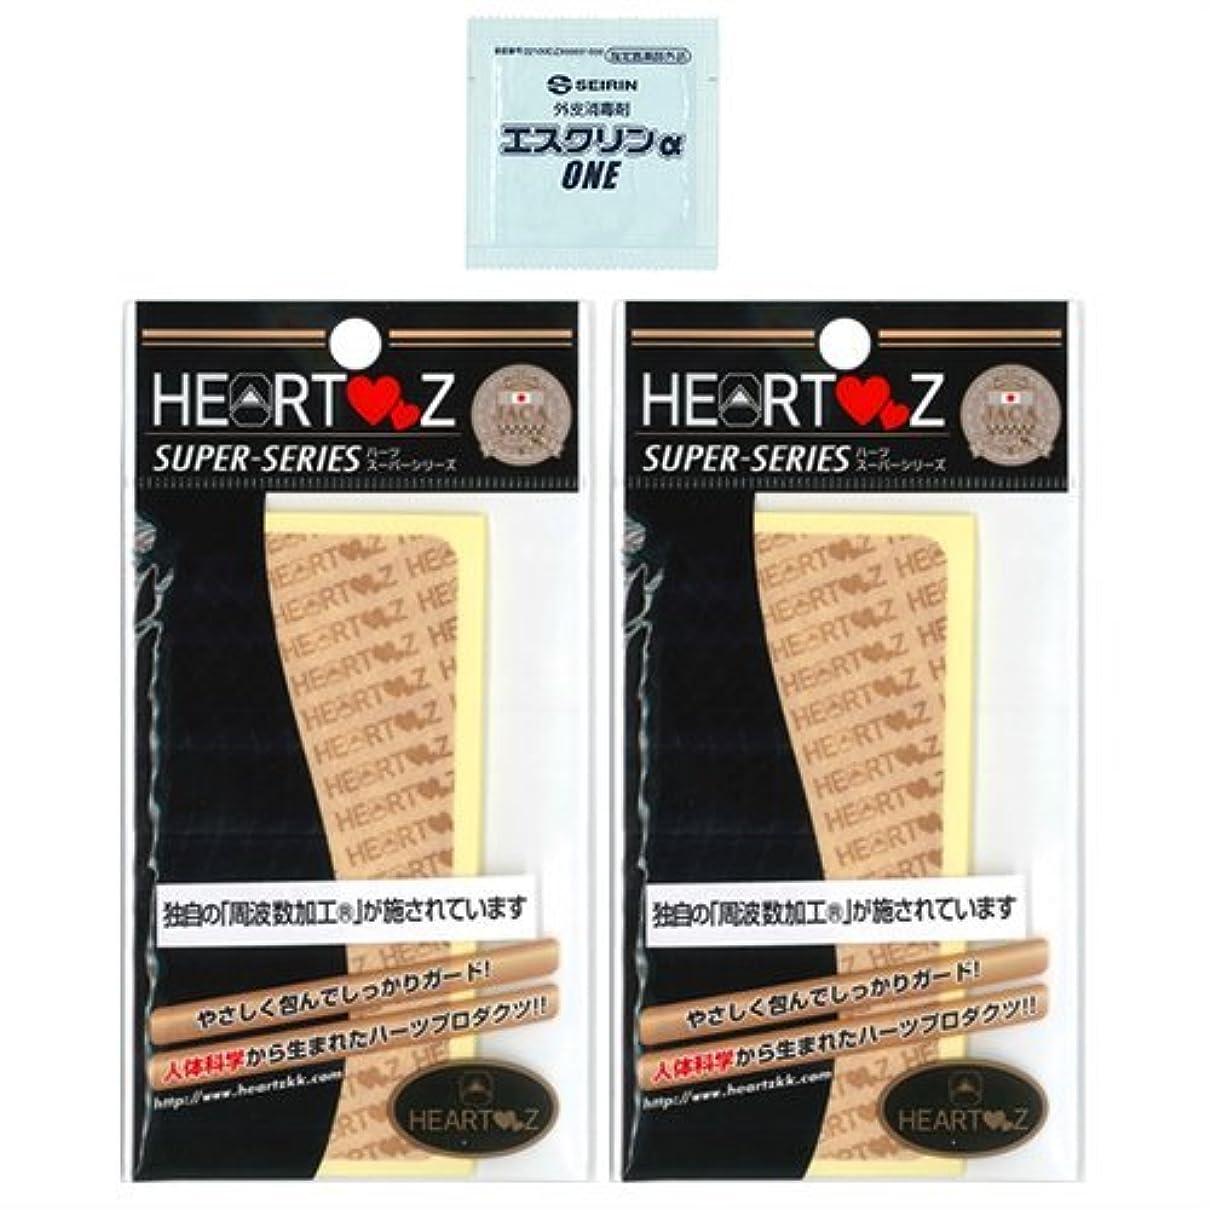 爆発それによって間欠【HEARTZ(ハーツ)】ハーツスーパーシール ベタ貼りタイプ 8枚入×2個セット (計16枚) + エスクリンαONEx1個 セット